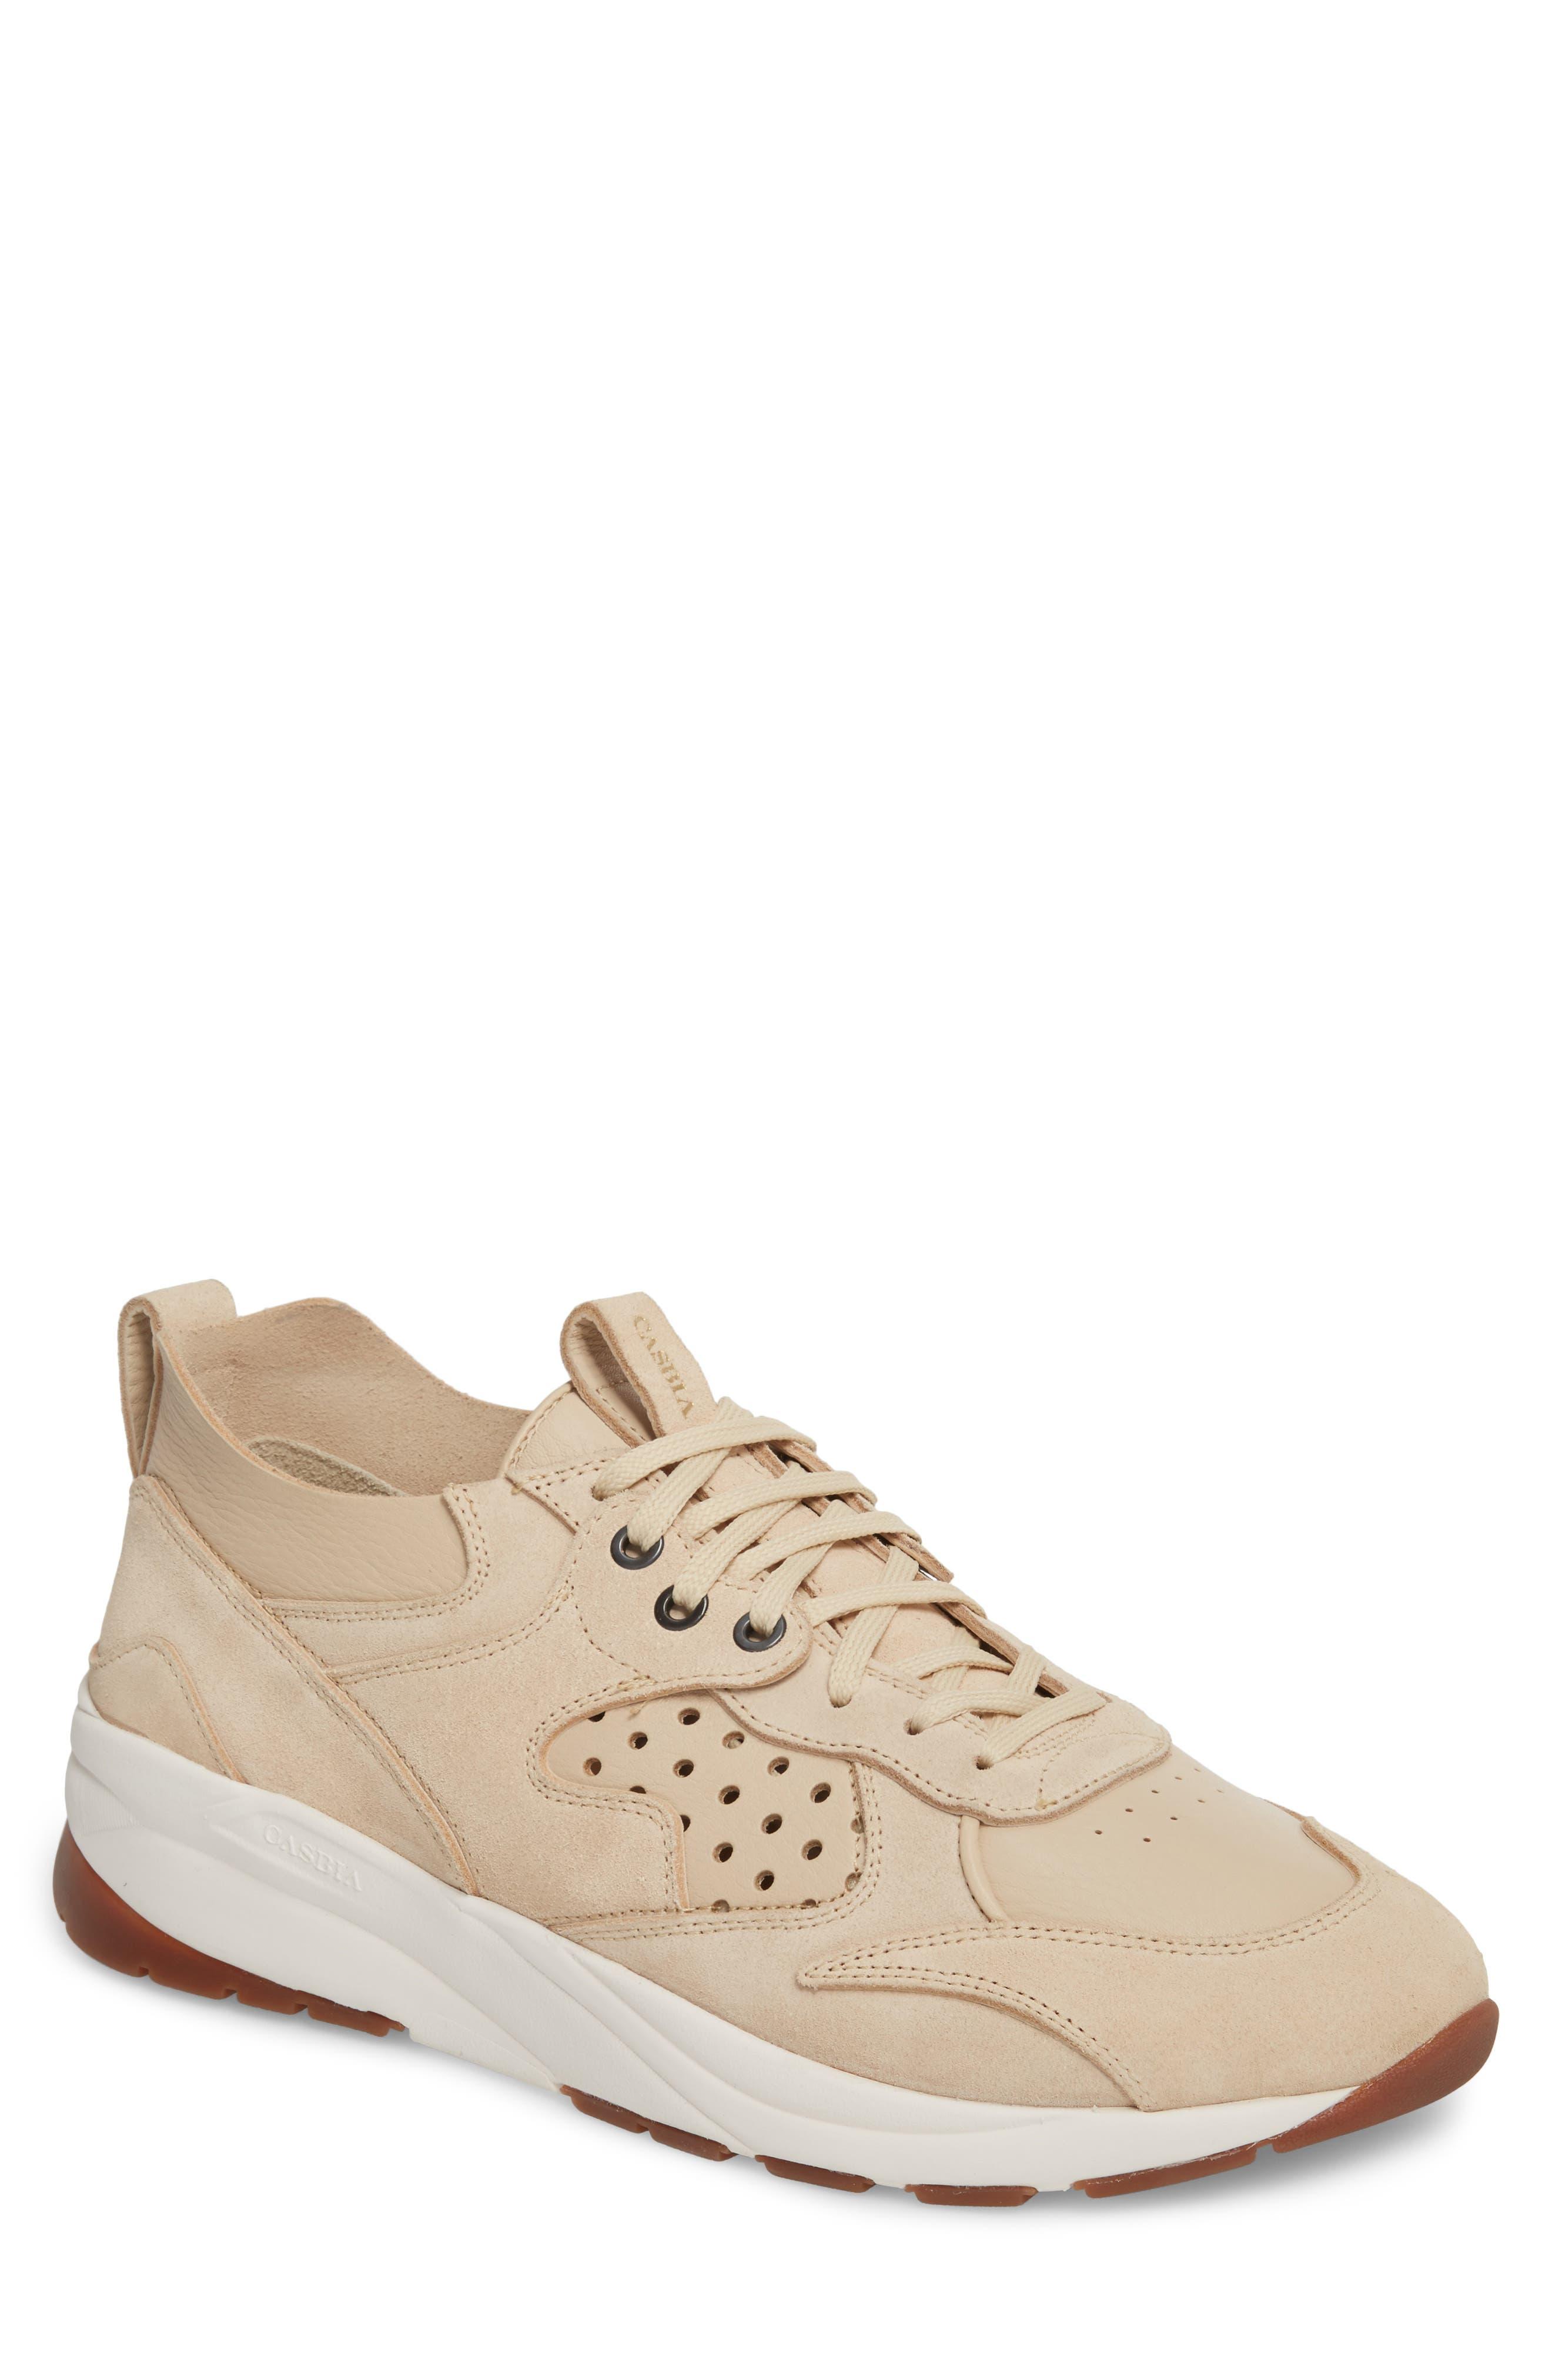 Champion Veloce Sneaker,                         Main,                         color,